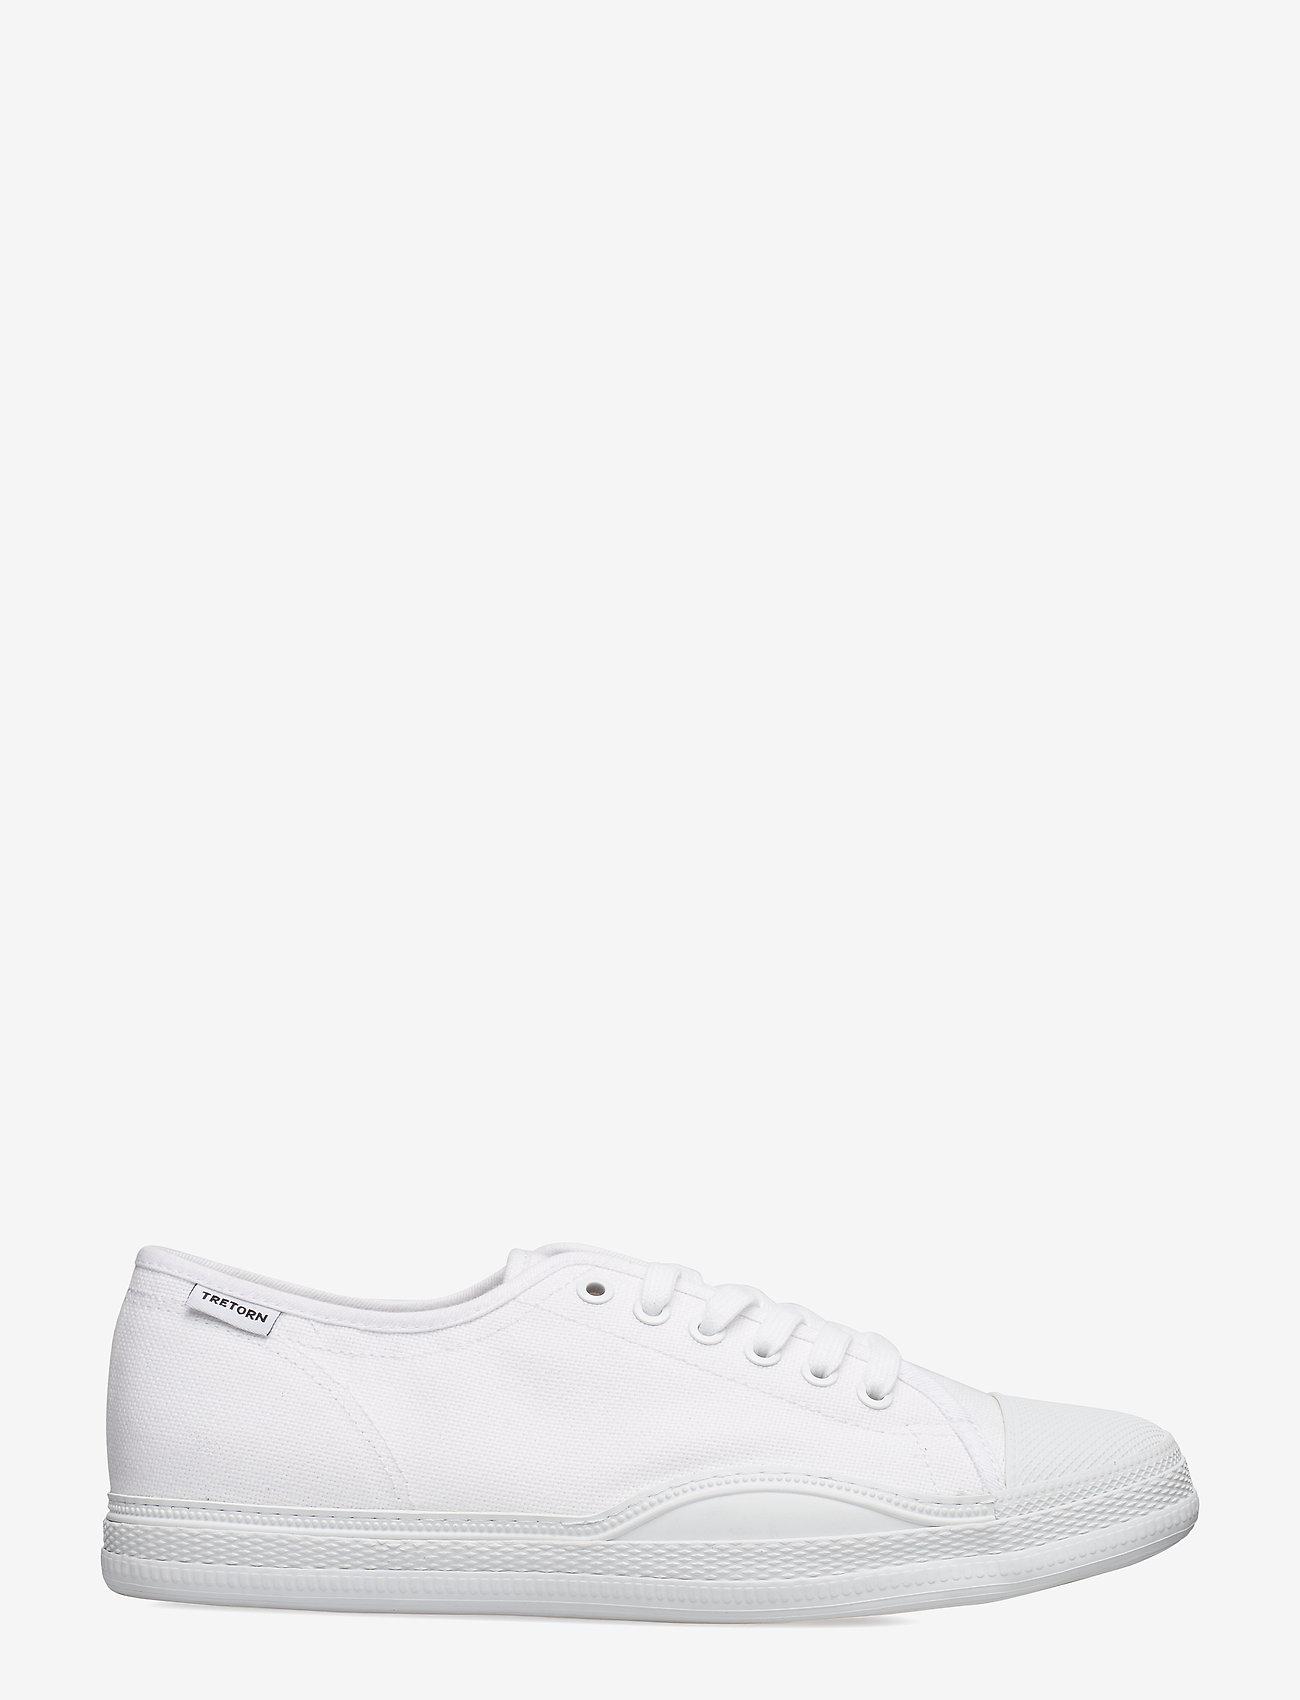 Tretorn - RACKET - baskets basses - 003/white/white - 1